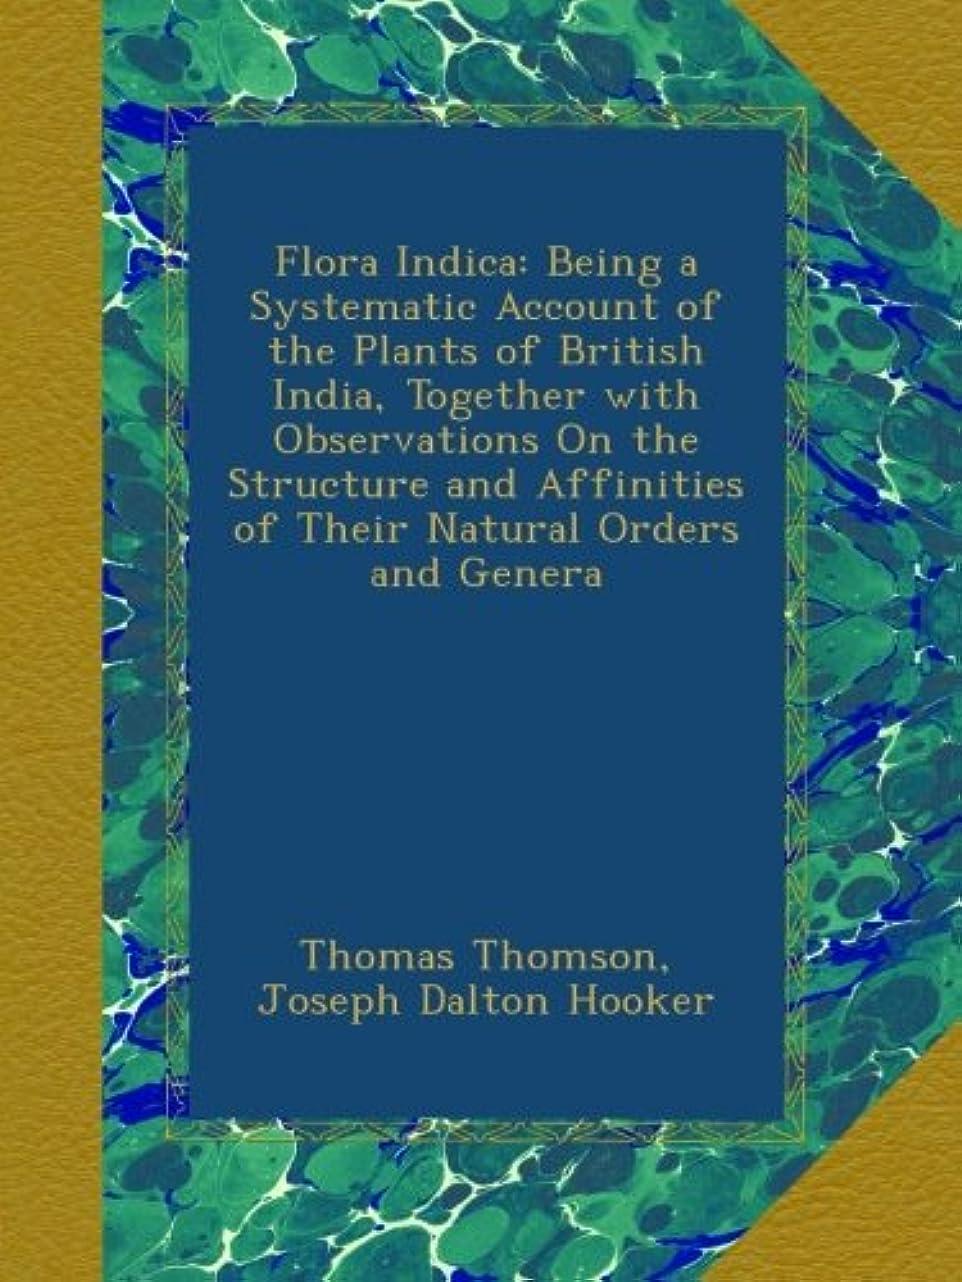 が欲しい識別前兆Flora Indica: Being a Systematic Account of the Plants of British India, Together with Observations On the Structure and Affinities of Their Natural Orders and Genera